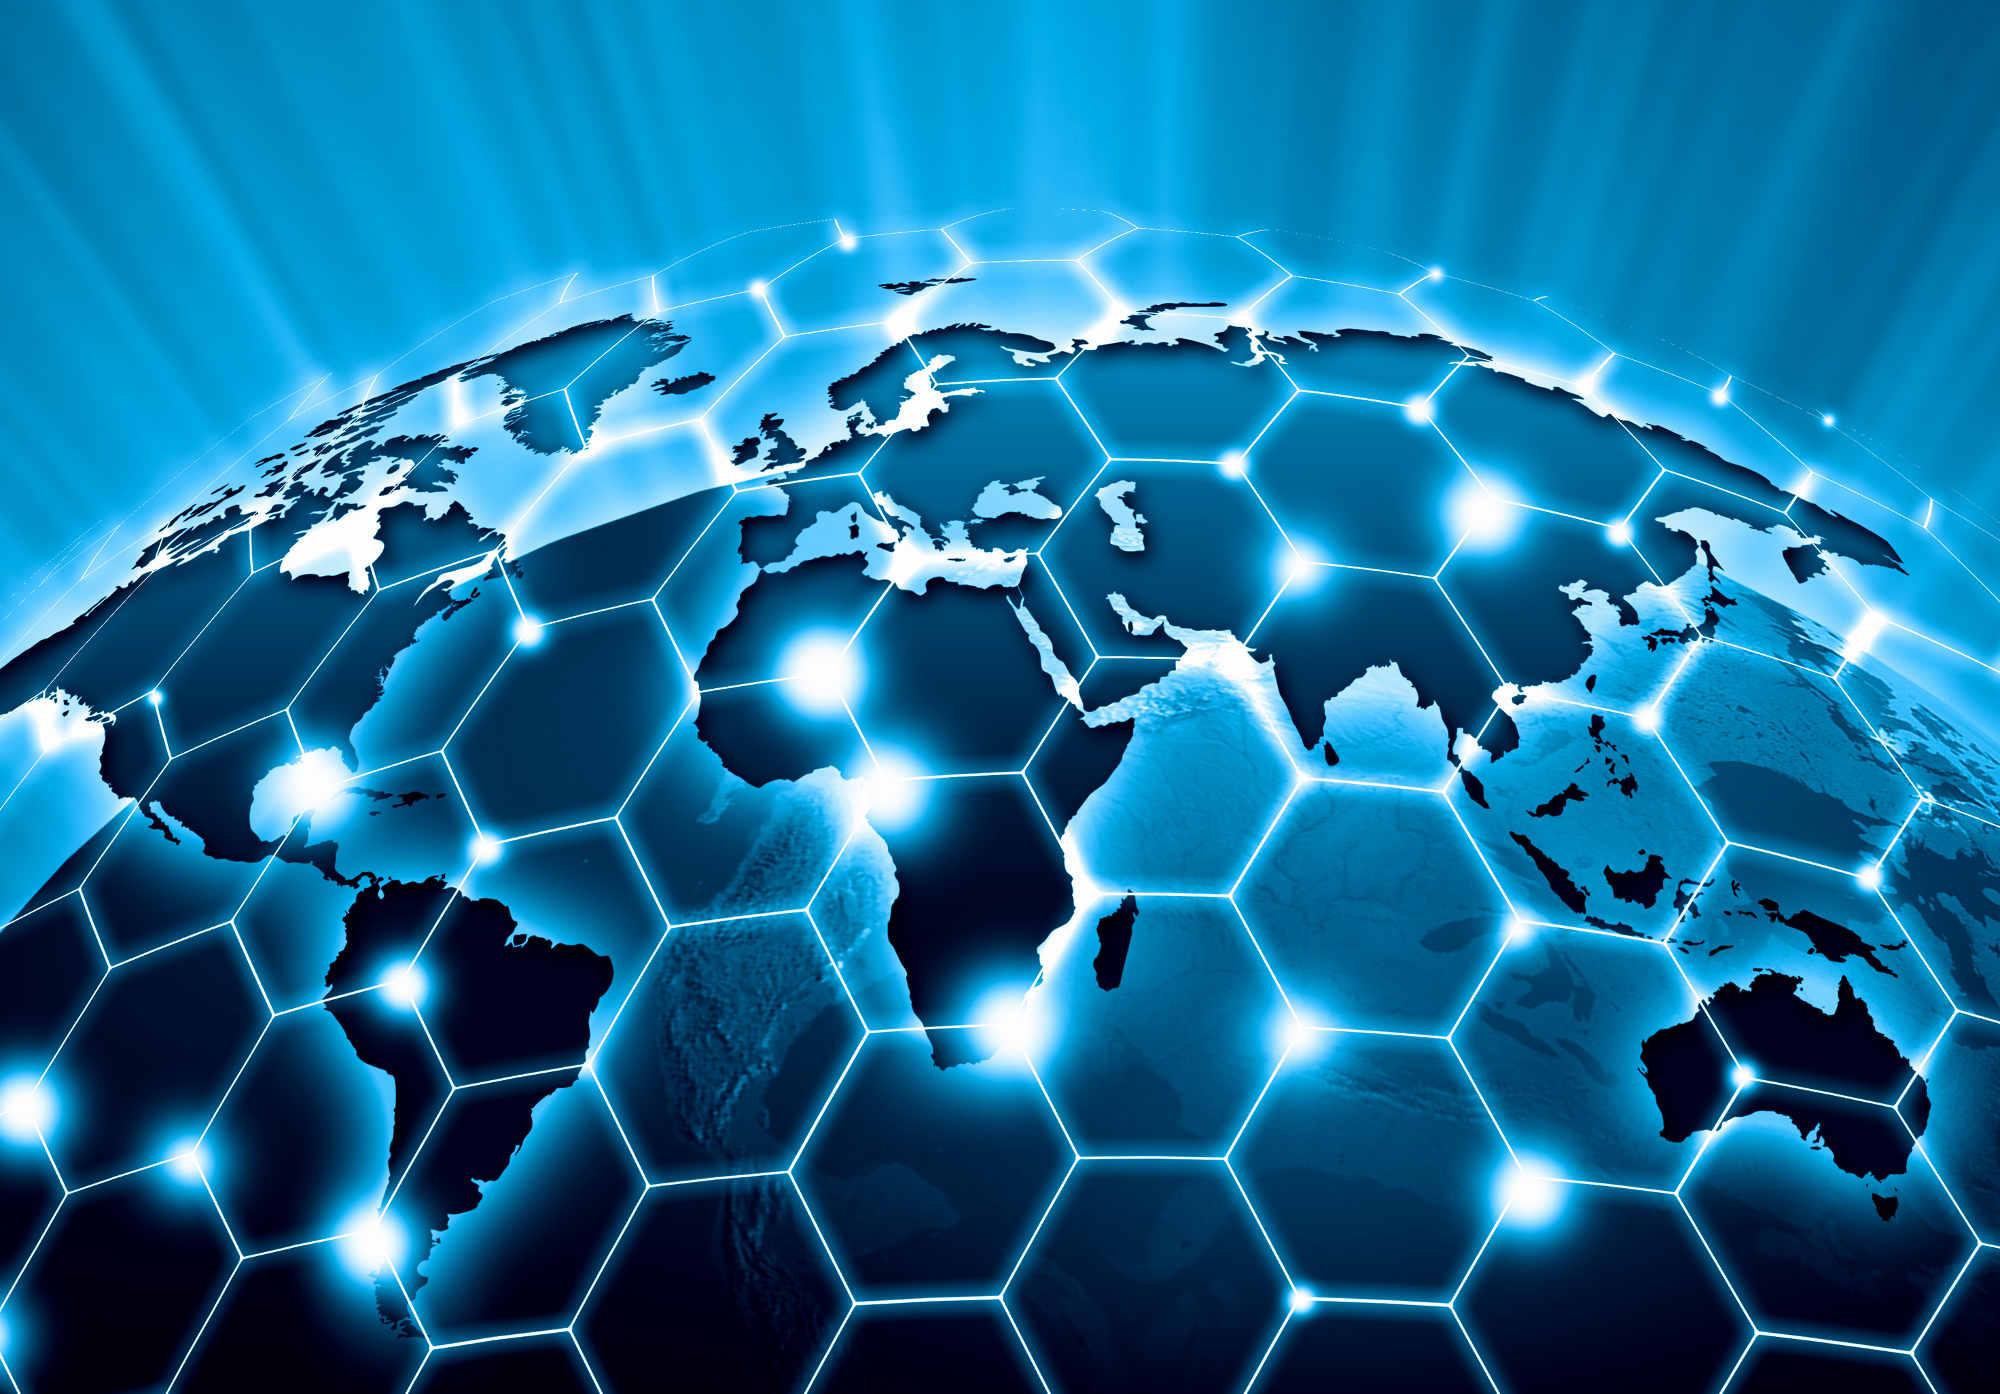 Luotettavat tietoverkot ovat liiketoiminnan selkäranka